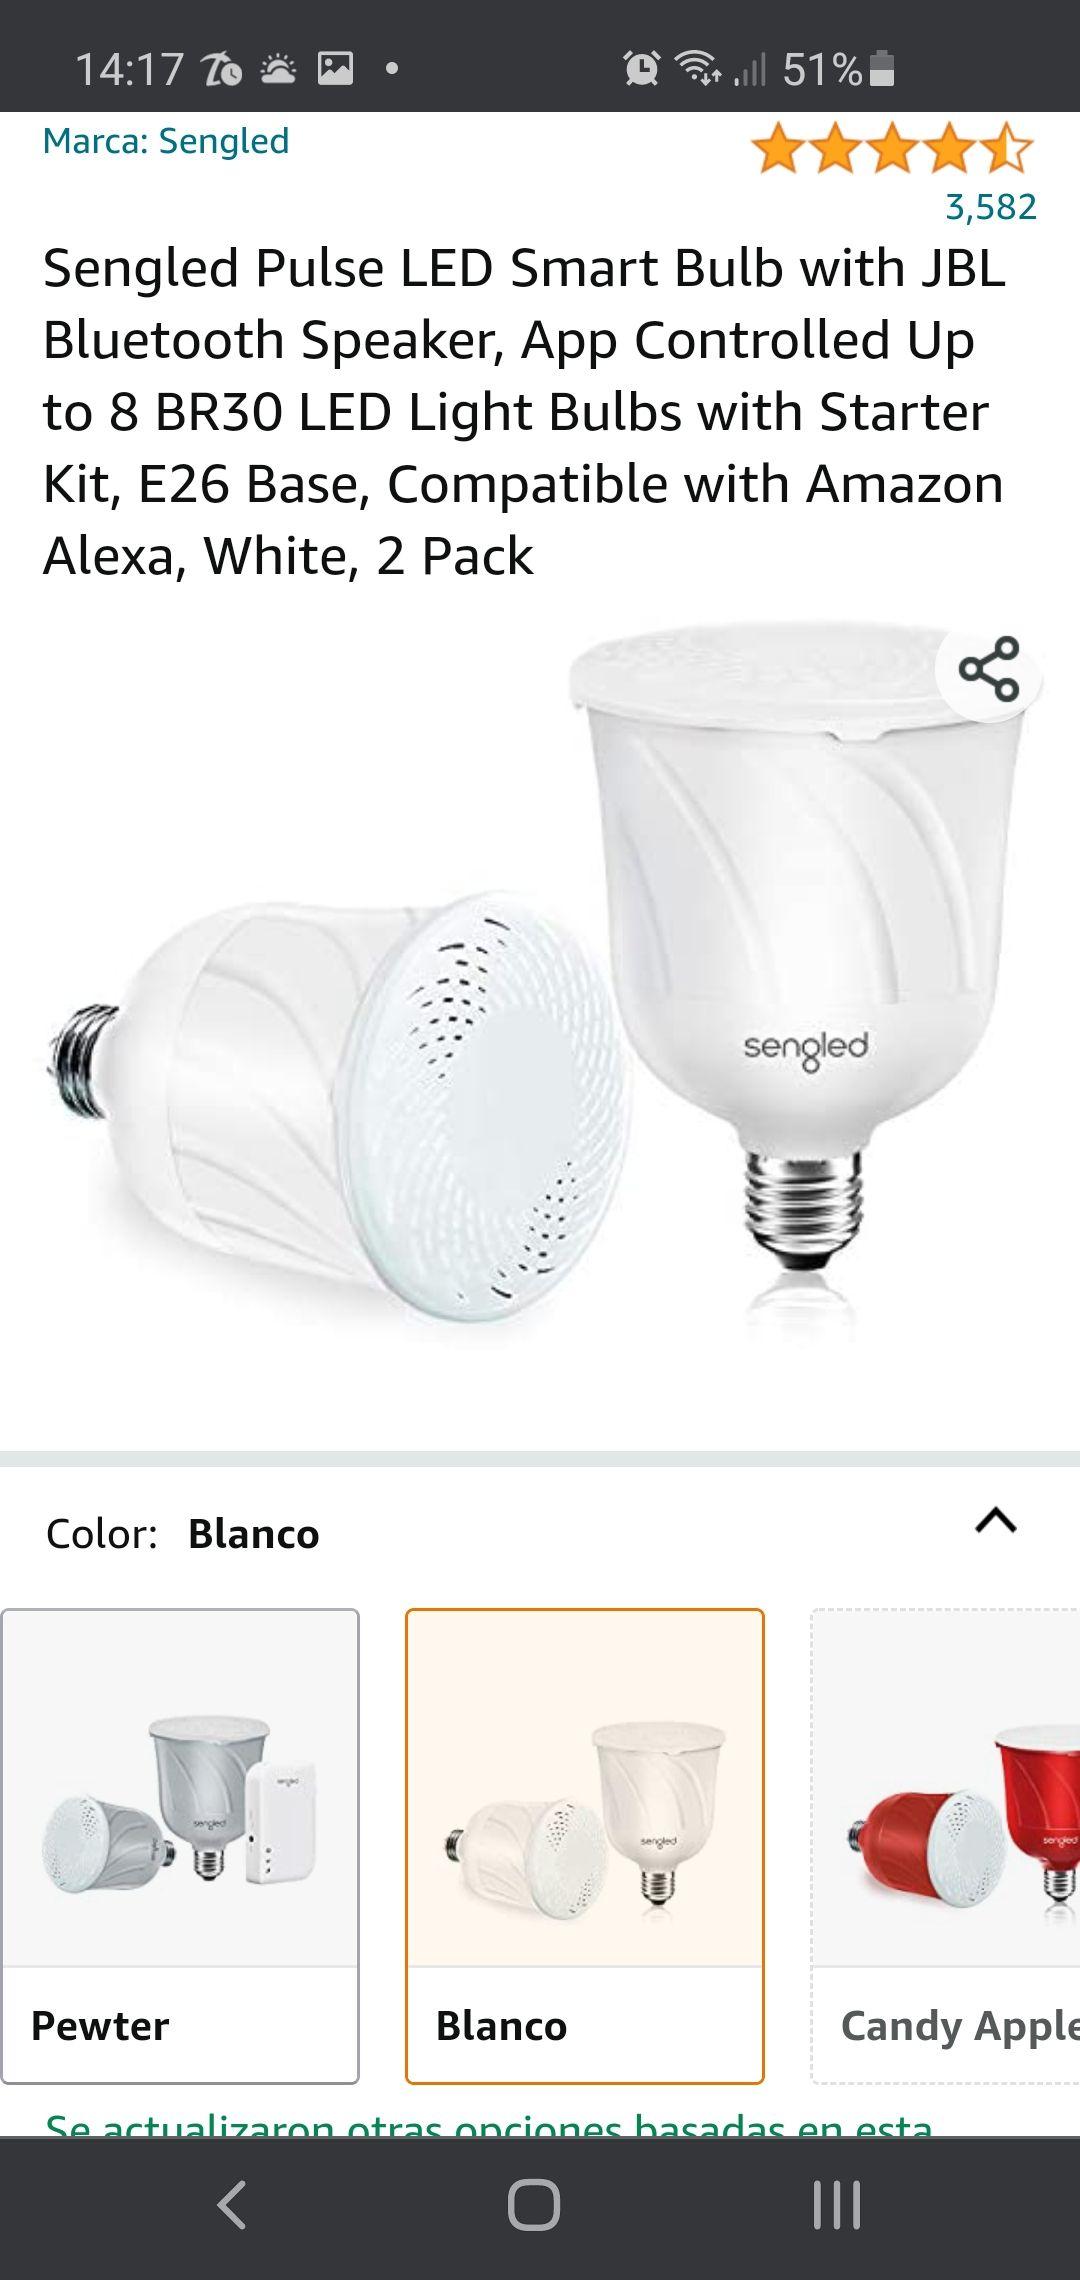 Amazon: Par de Focos Smart led Sengled con salida de sonido JBL y conexion bluetooth compatibles con alexa